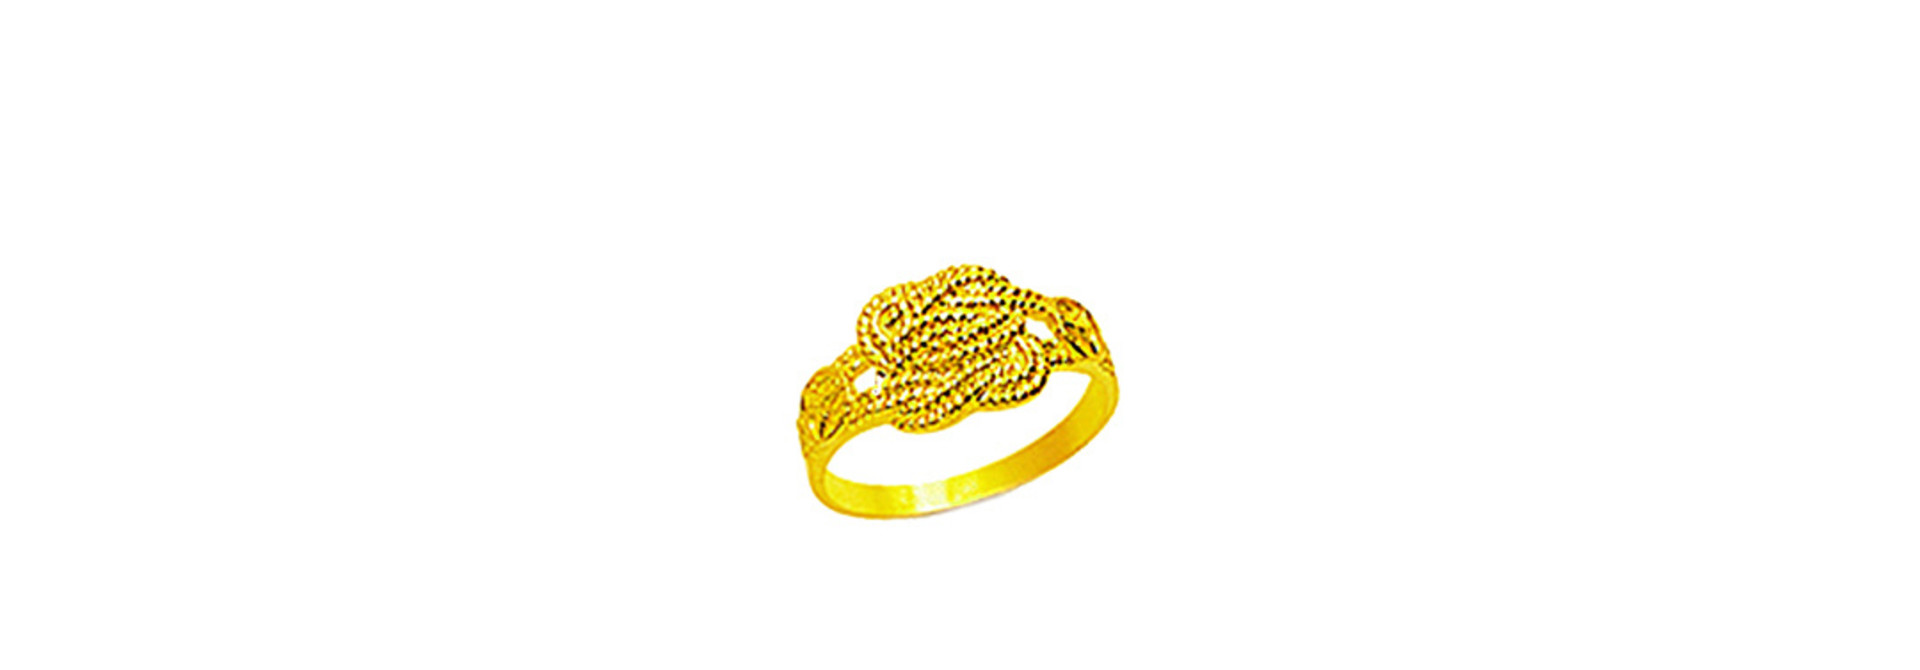 Mattenklopper ring